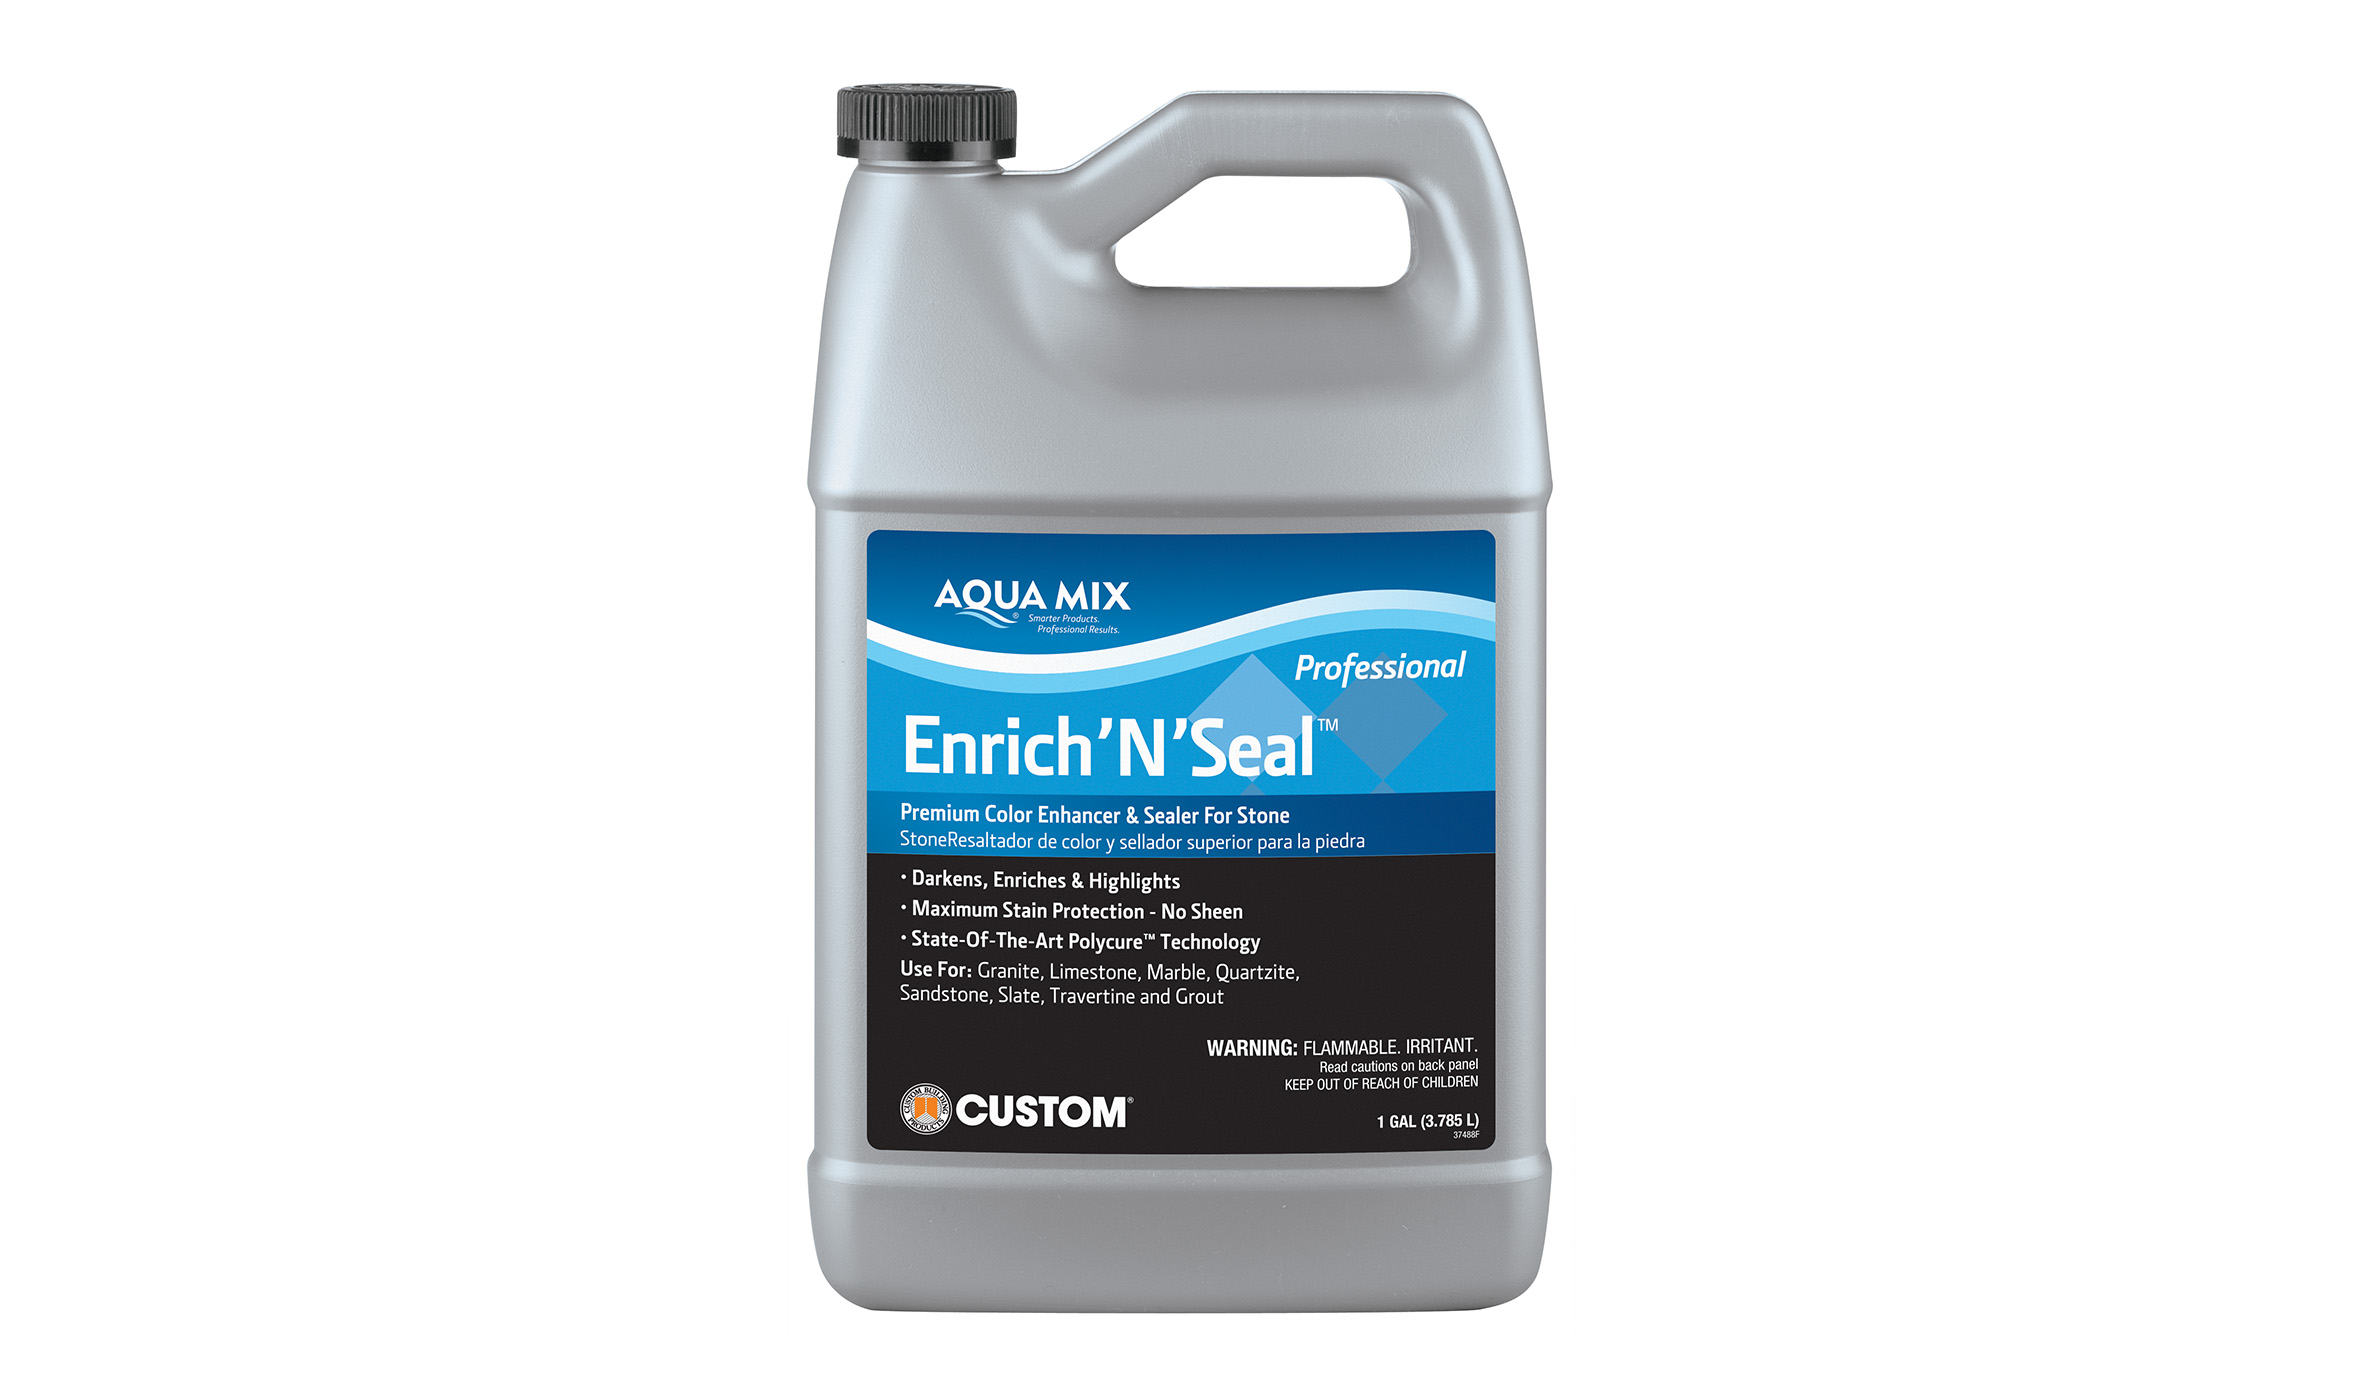 Enrich'N'Seal